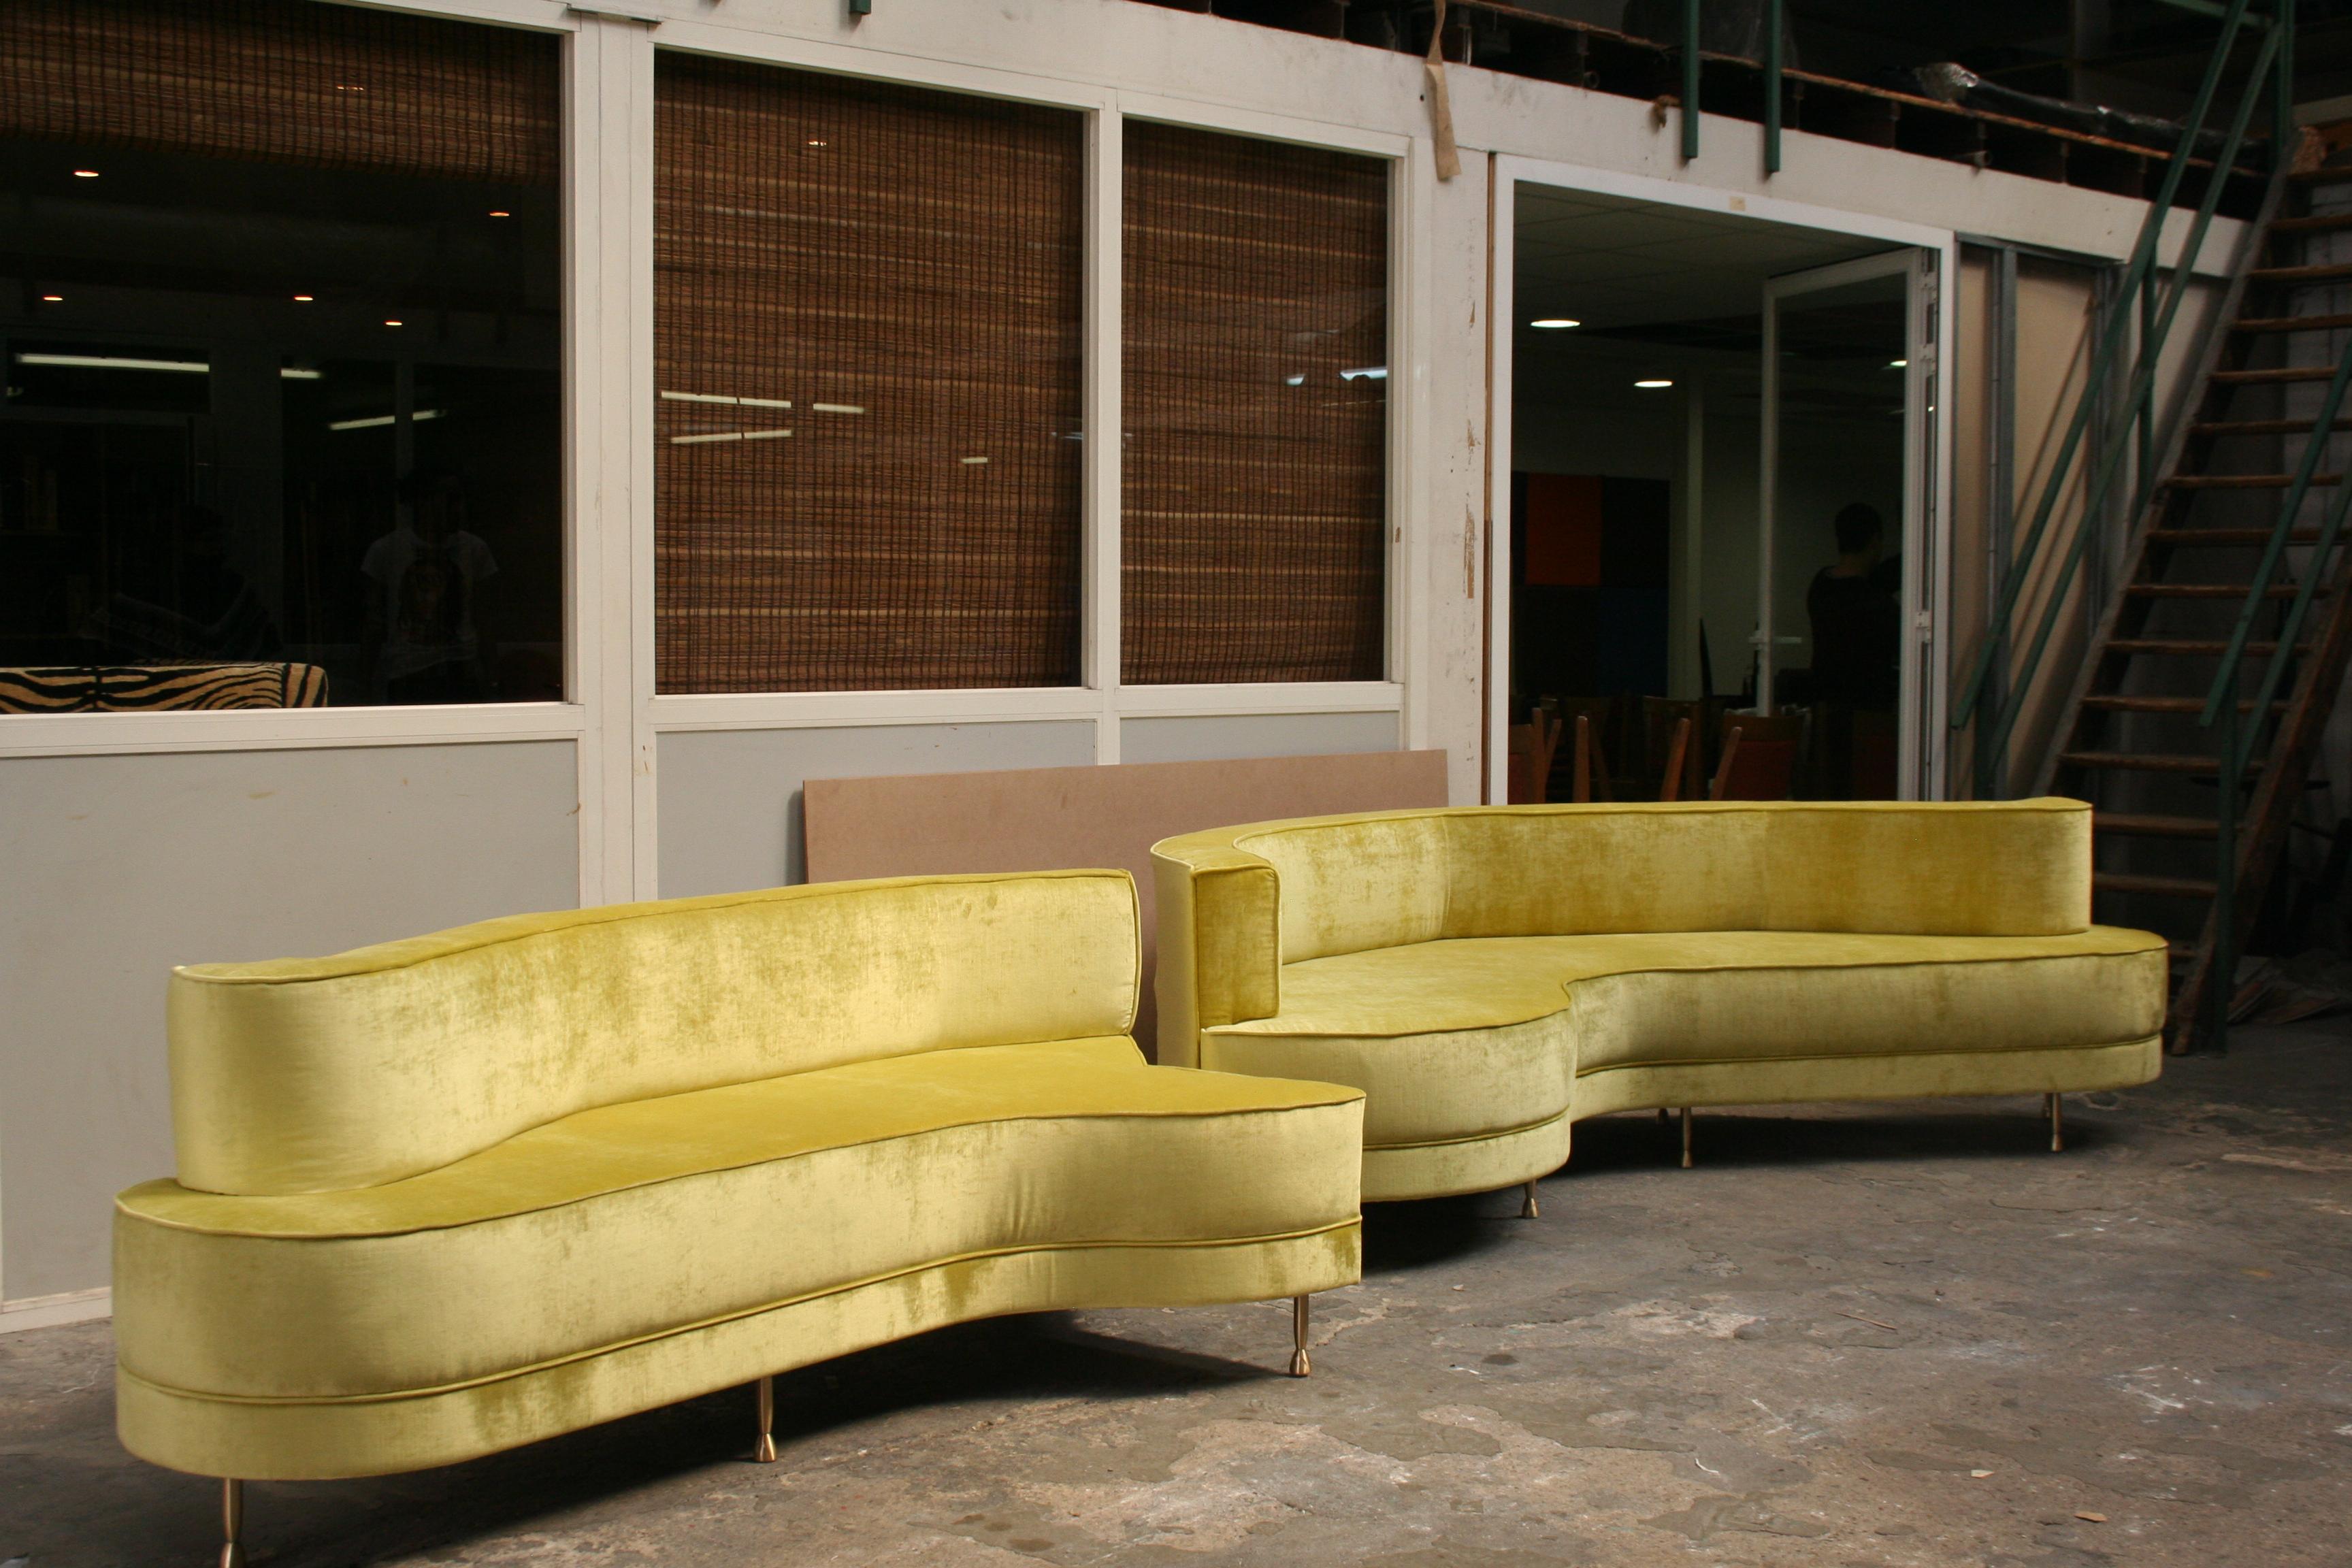 canap sur mesure haut de gamme en velours vert anis jplecomte tapisserie. Black Bedroom Furniture Sets. Home Design Ideas